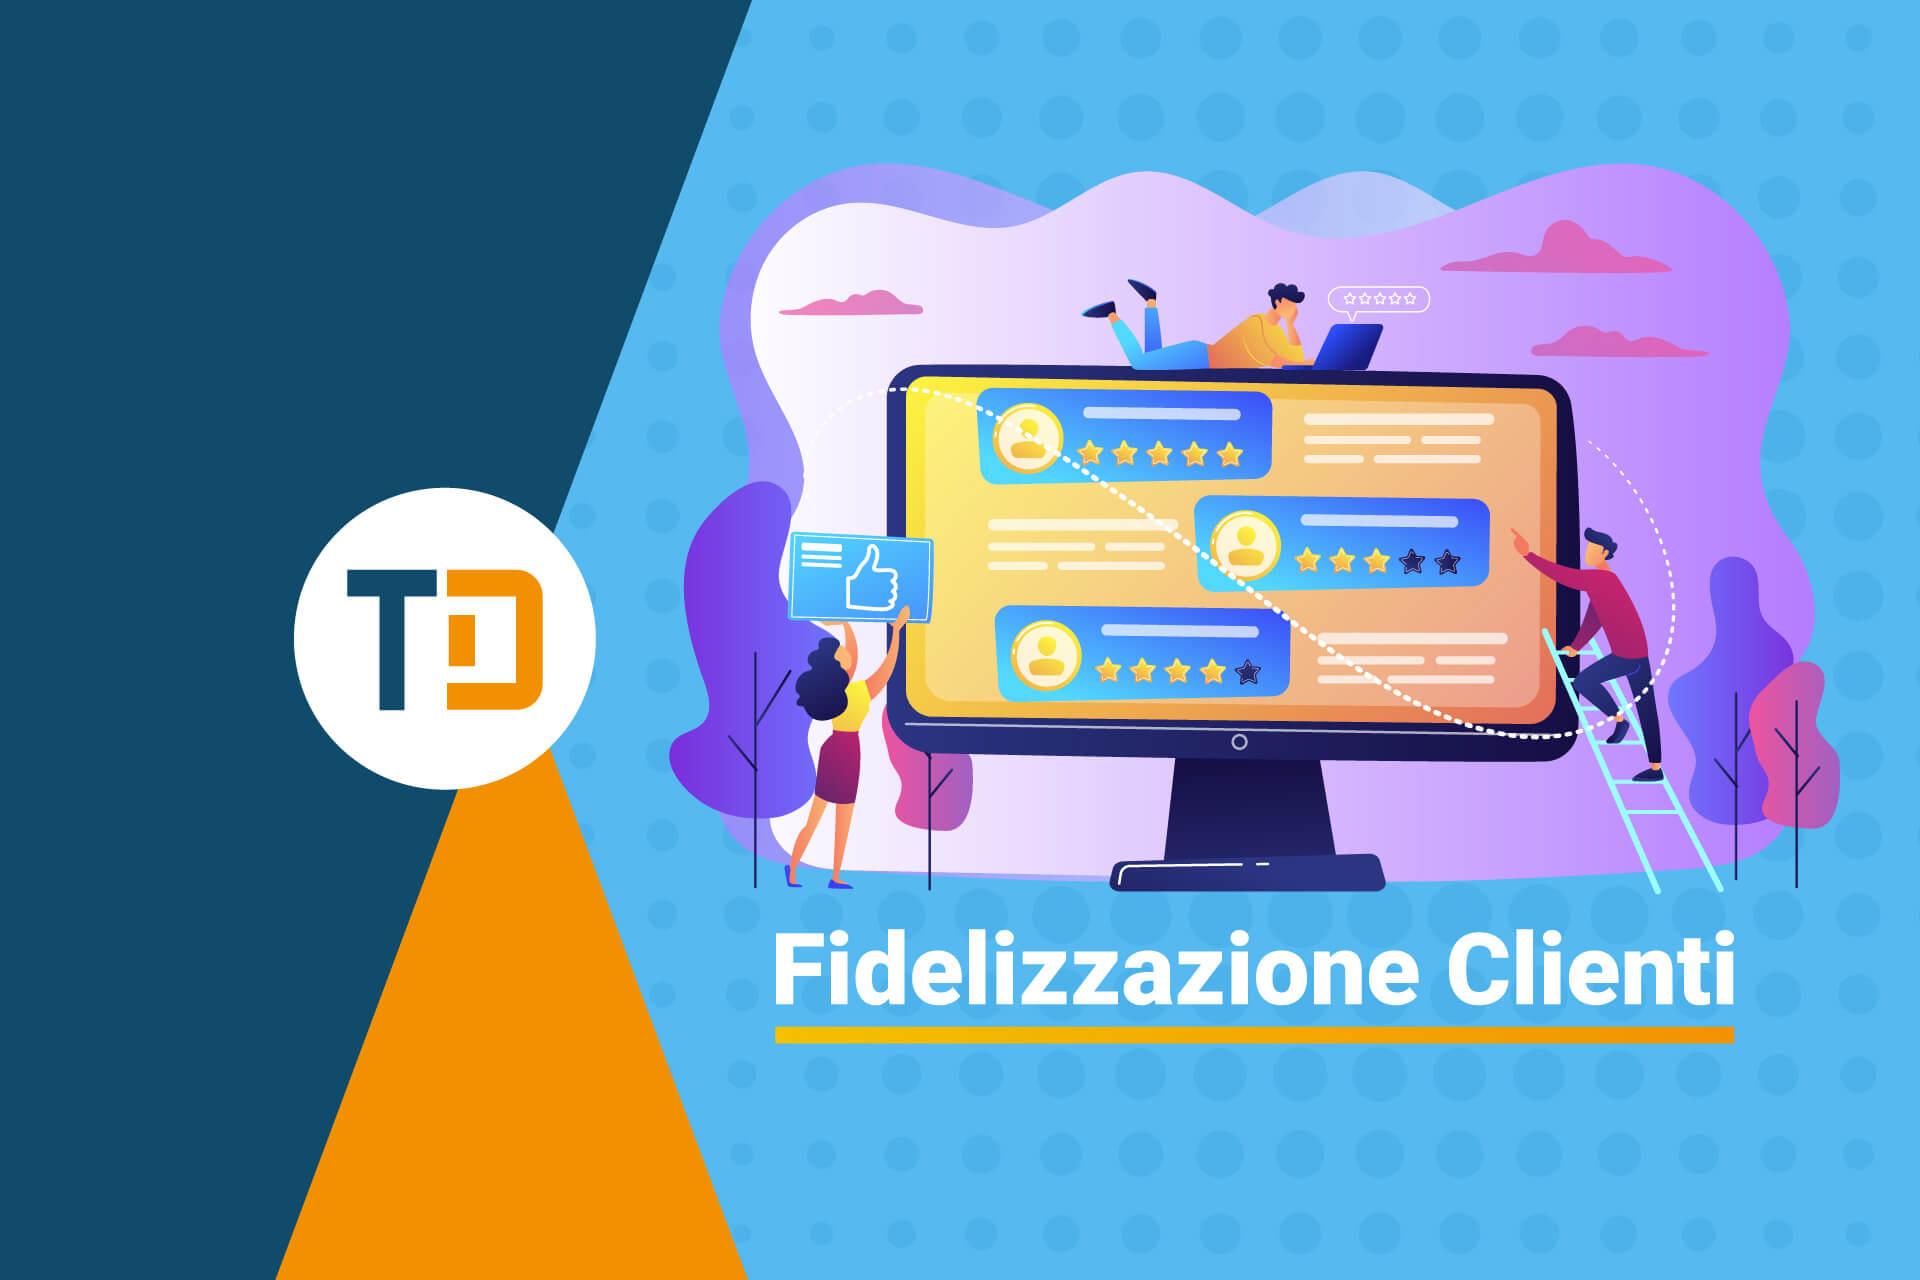 Come fidelizzare i clienti in 7 passi con Telnet Data